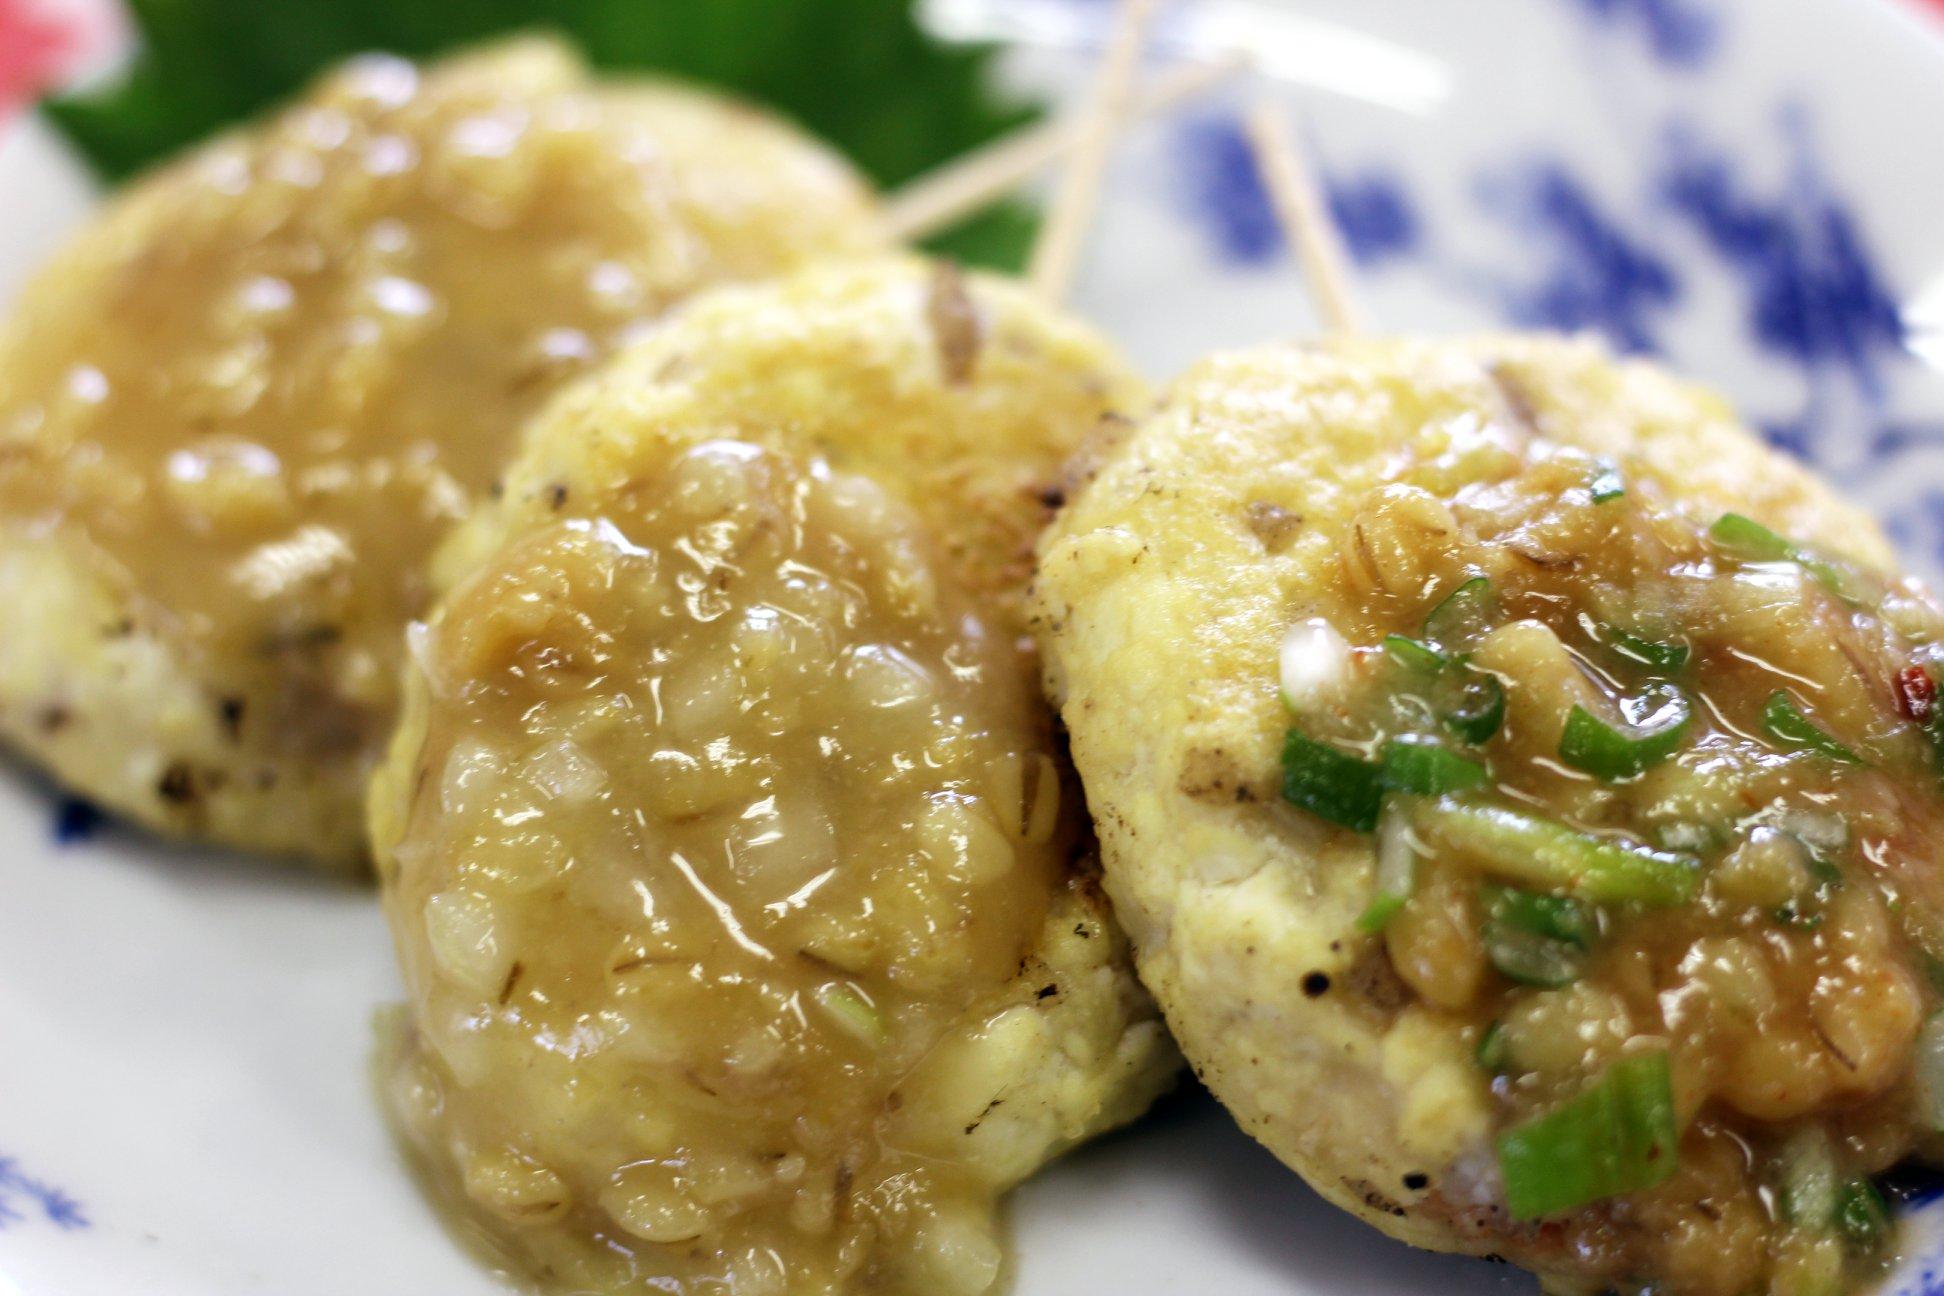 7.エビの豆腐つくねとミソの3種ソース